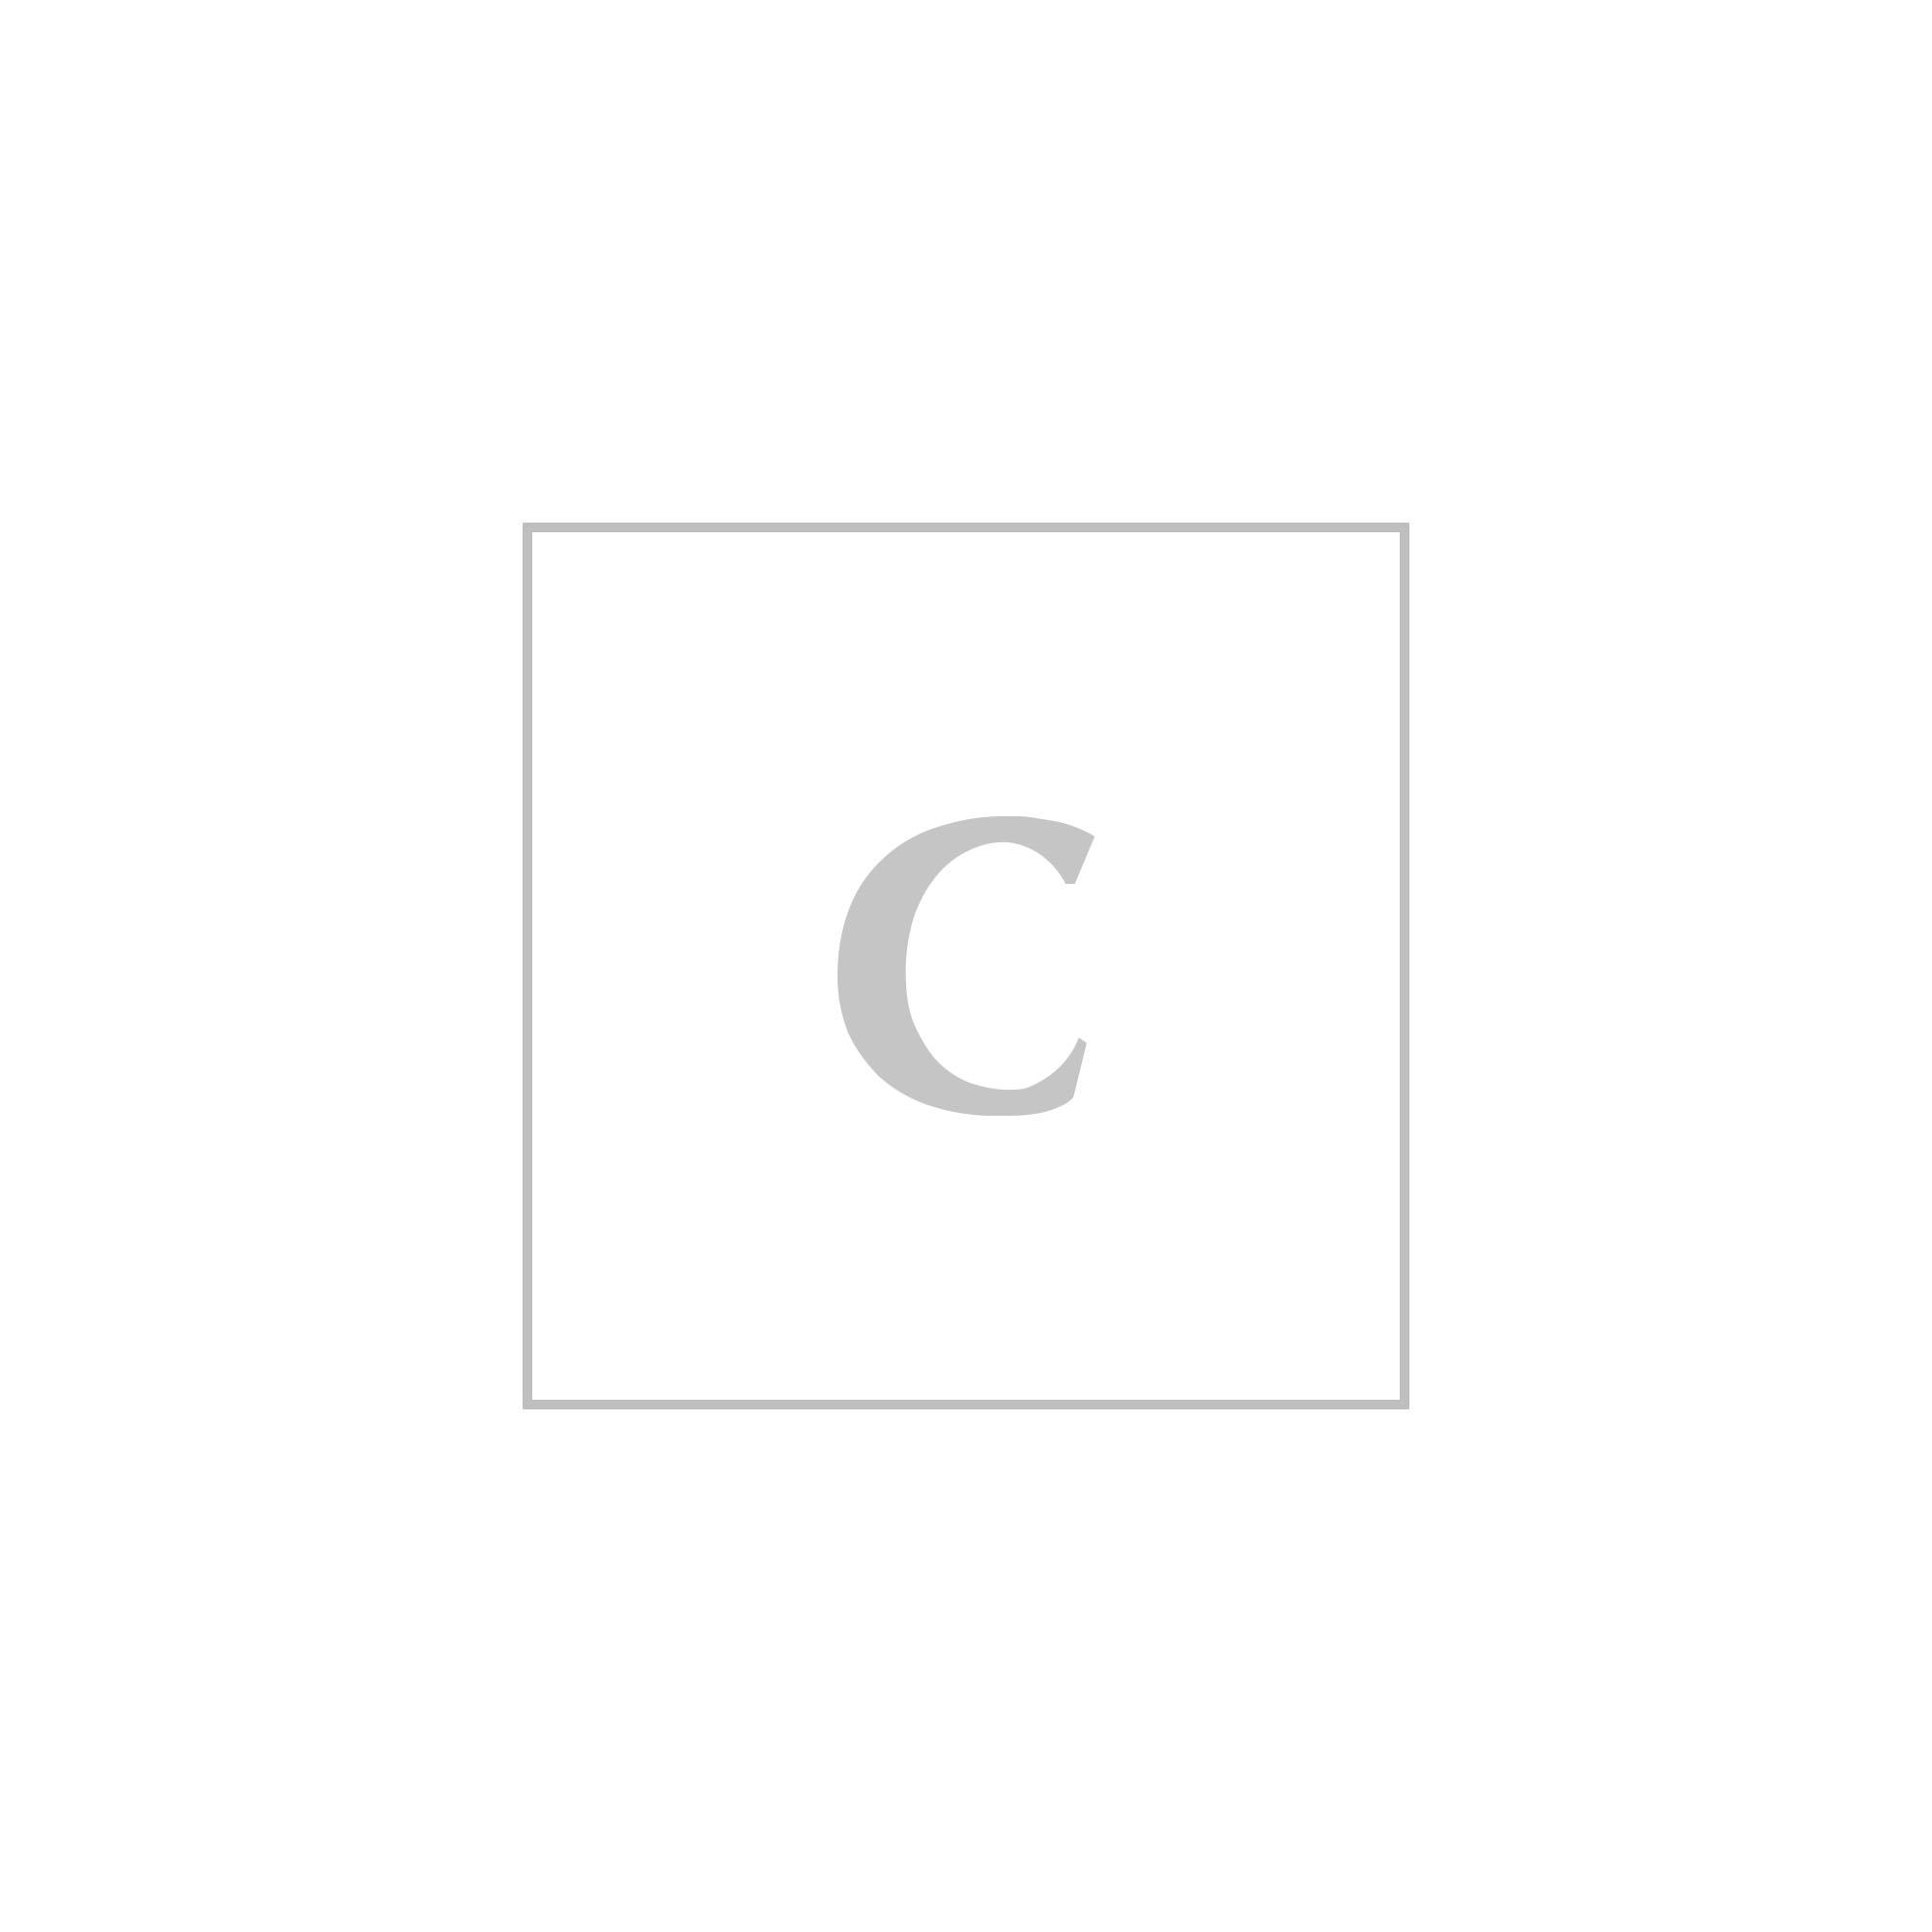 Alpo guanto in pelle fodera cashmere